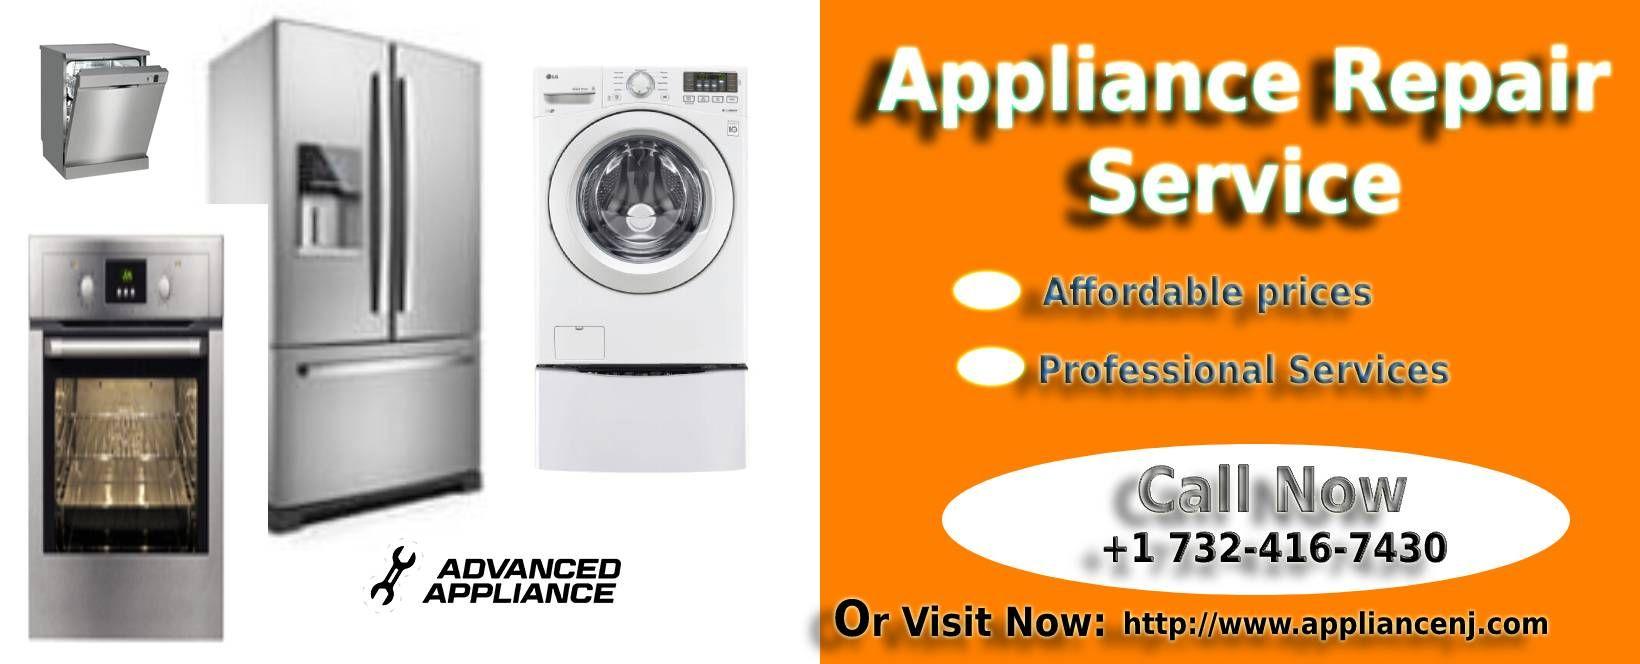 Home Appliance Repair Appliance Repair Service Repair